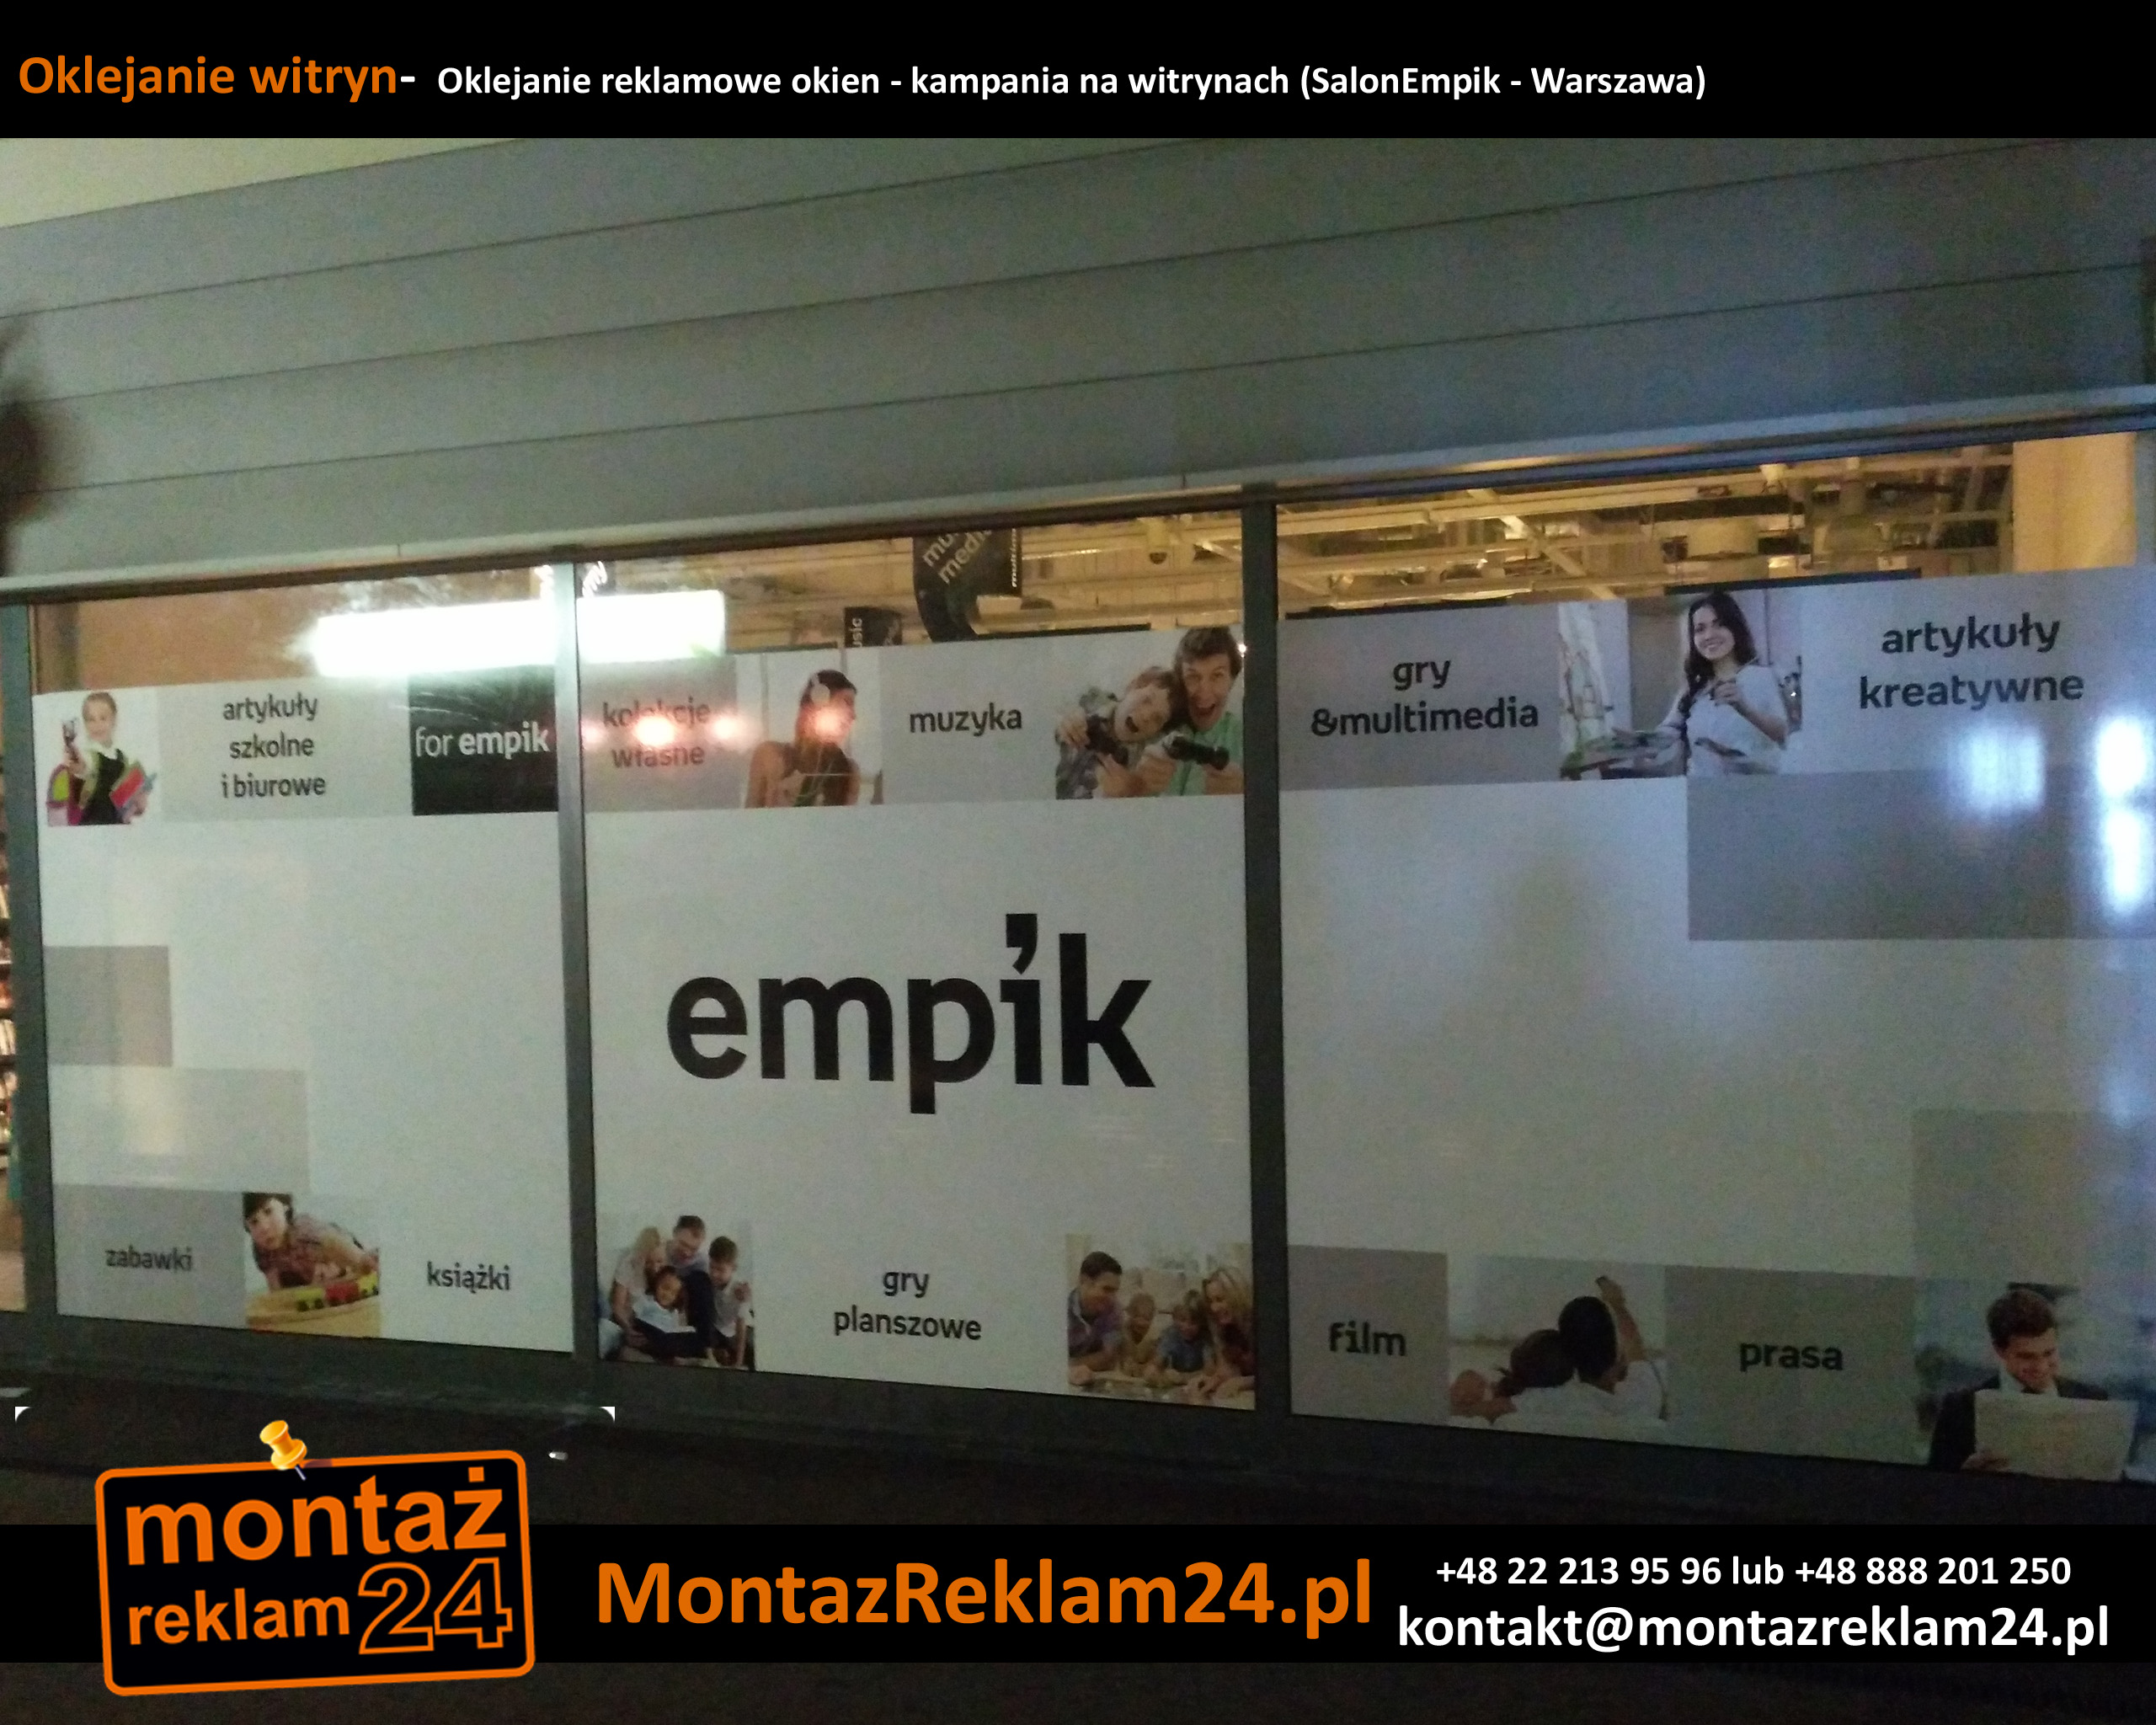 Oklejanie witryn-  Oklejanie reklamowe okien - kampania na witrynach (SalonEmpik - Warszawa).jpg